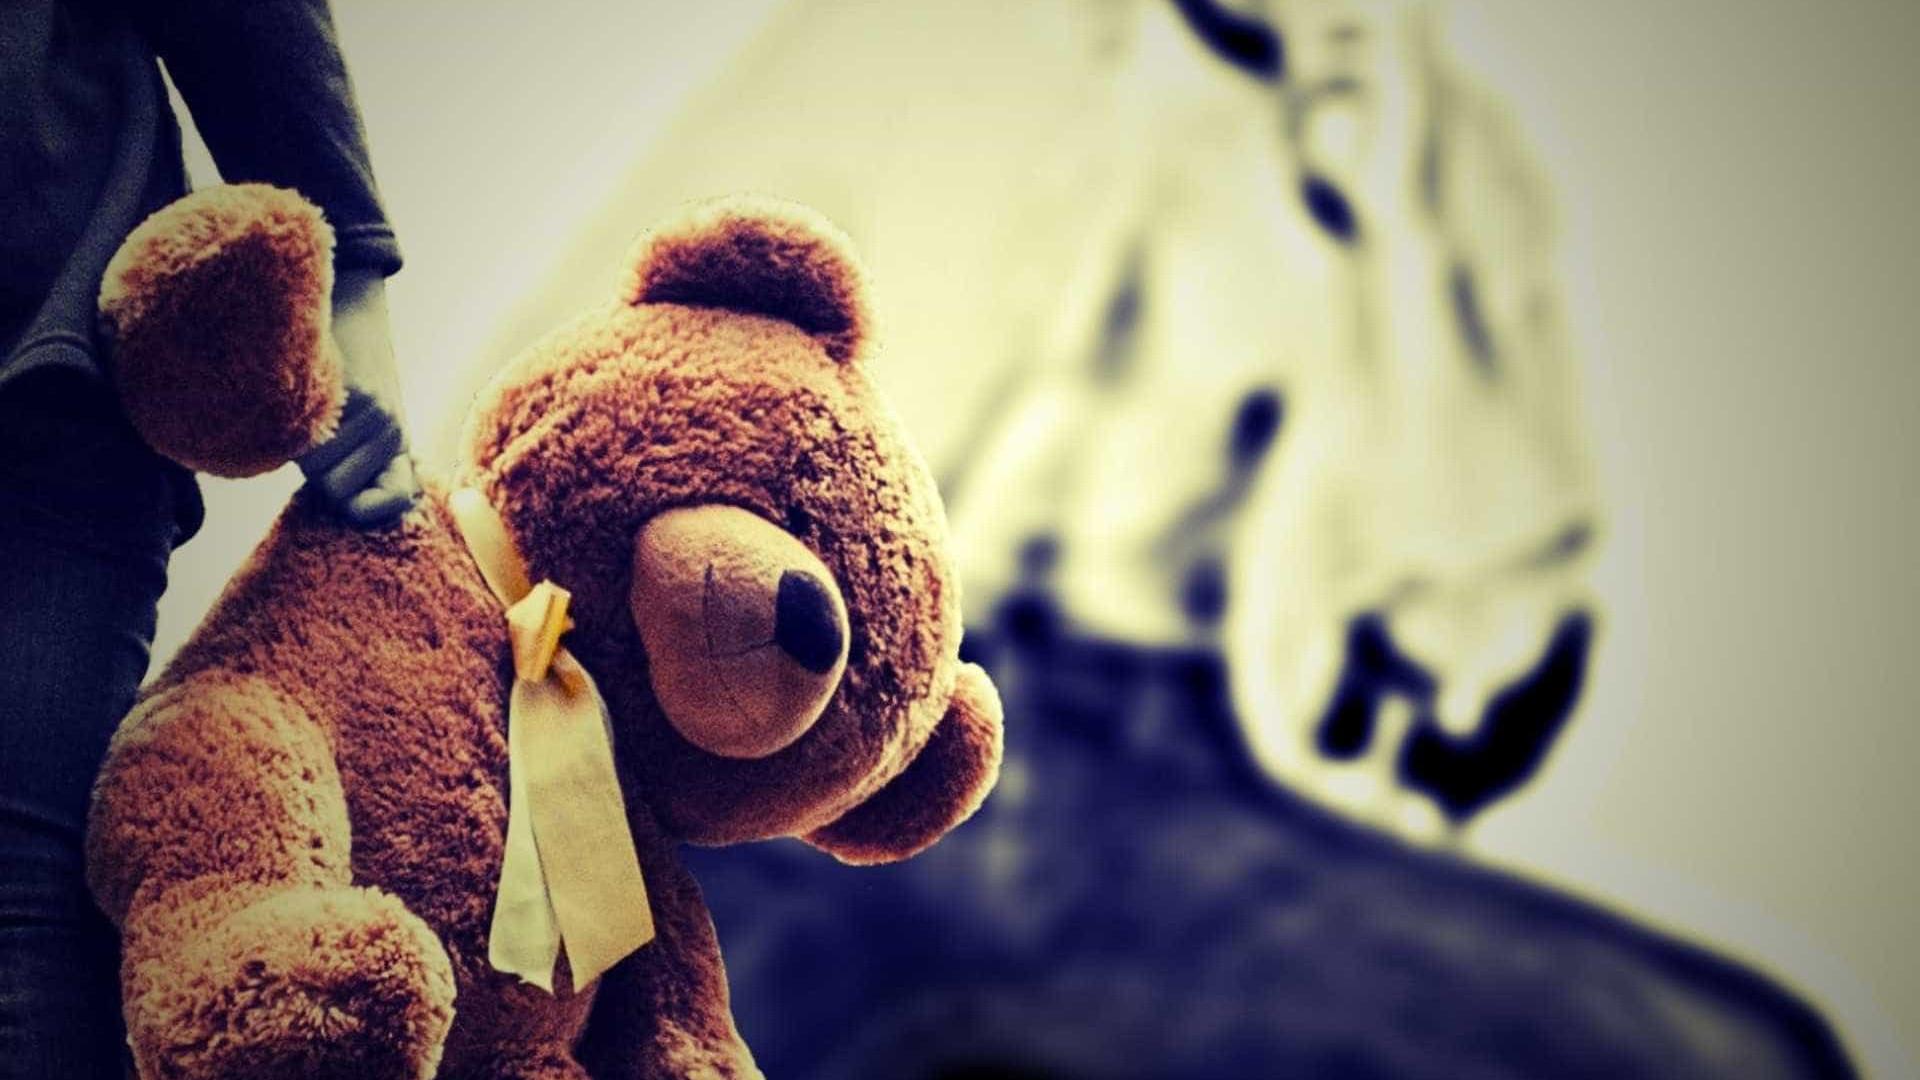 Projeto busca conscientizar crianças sobre abuso sexual